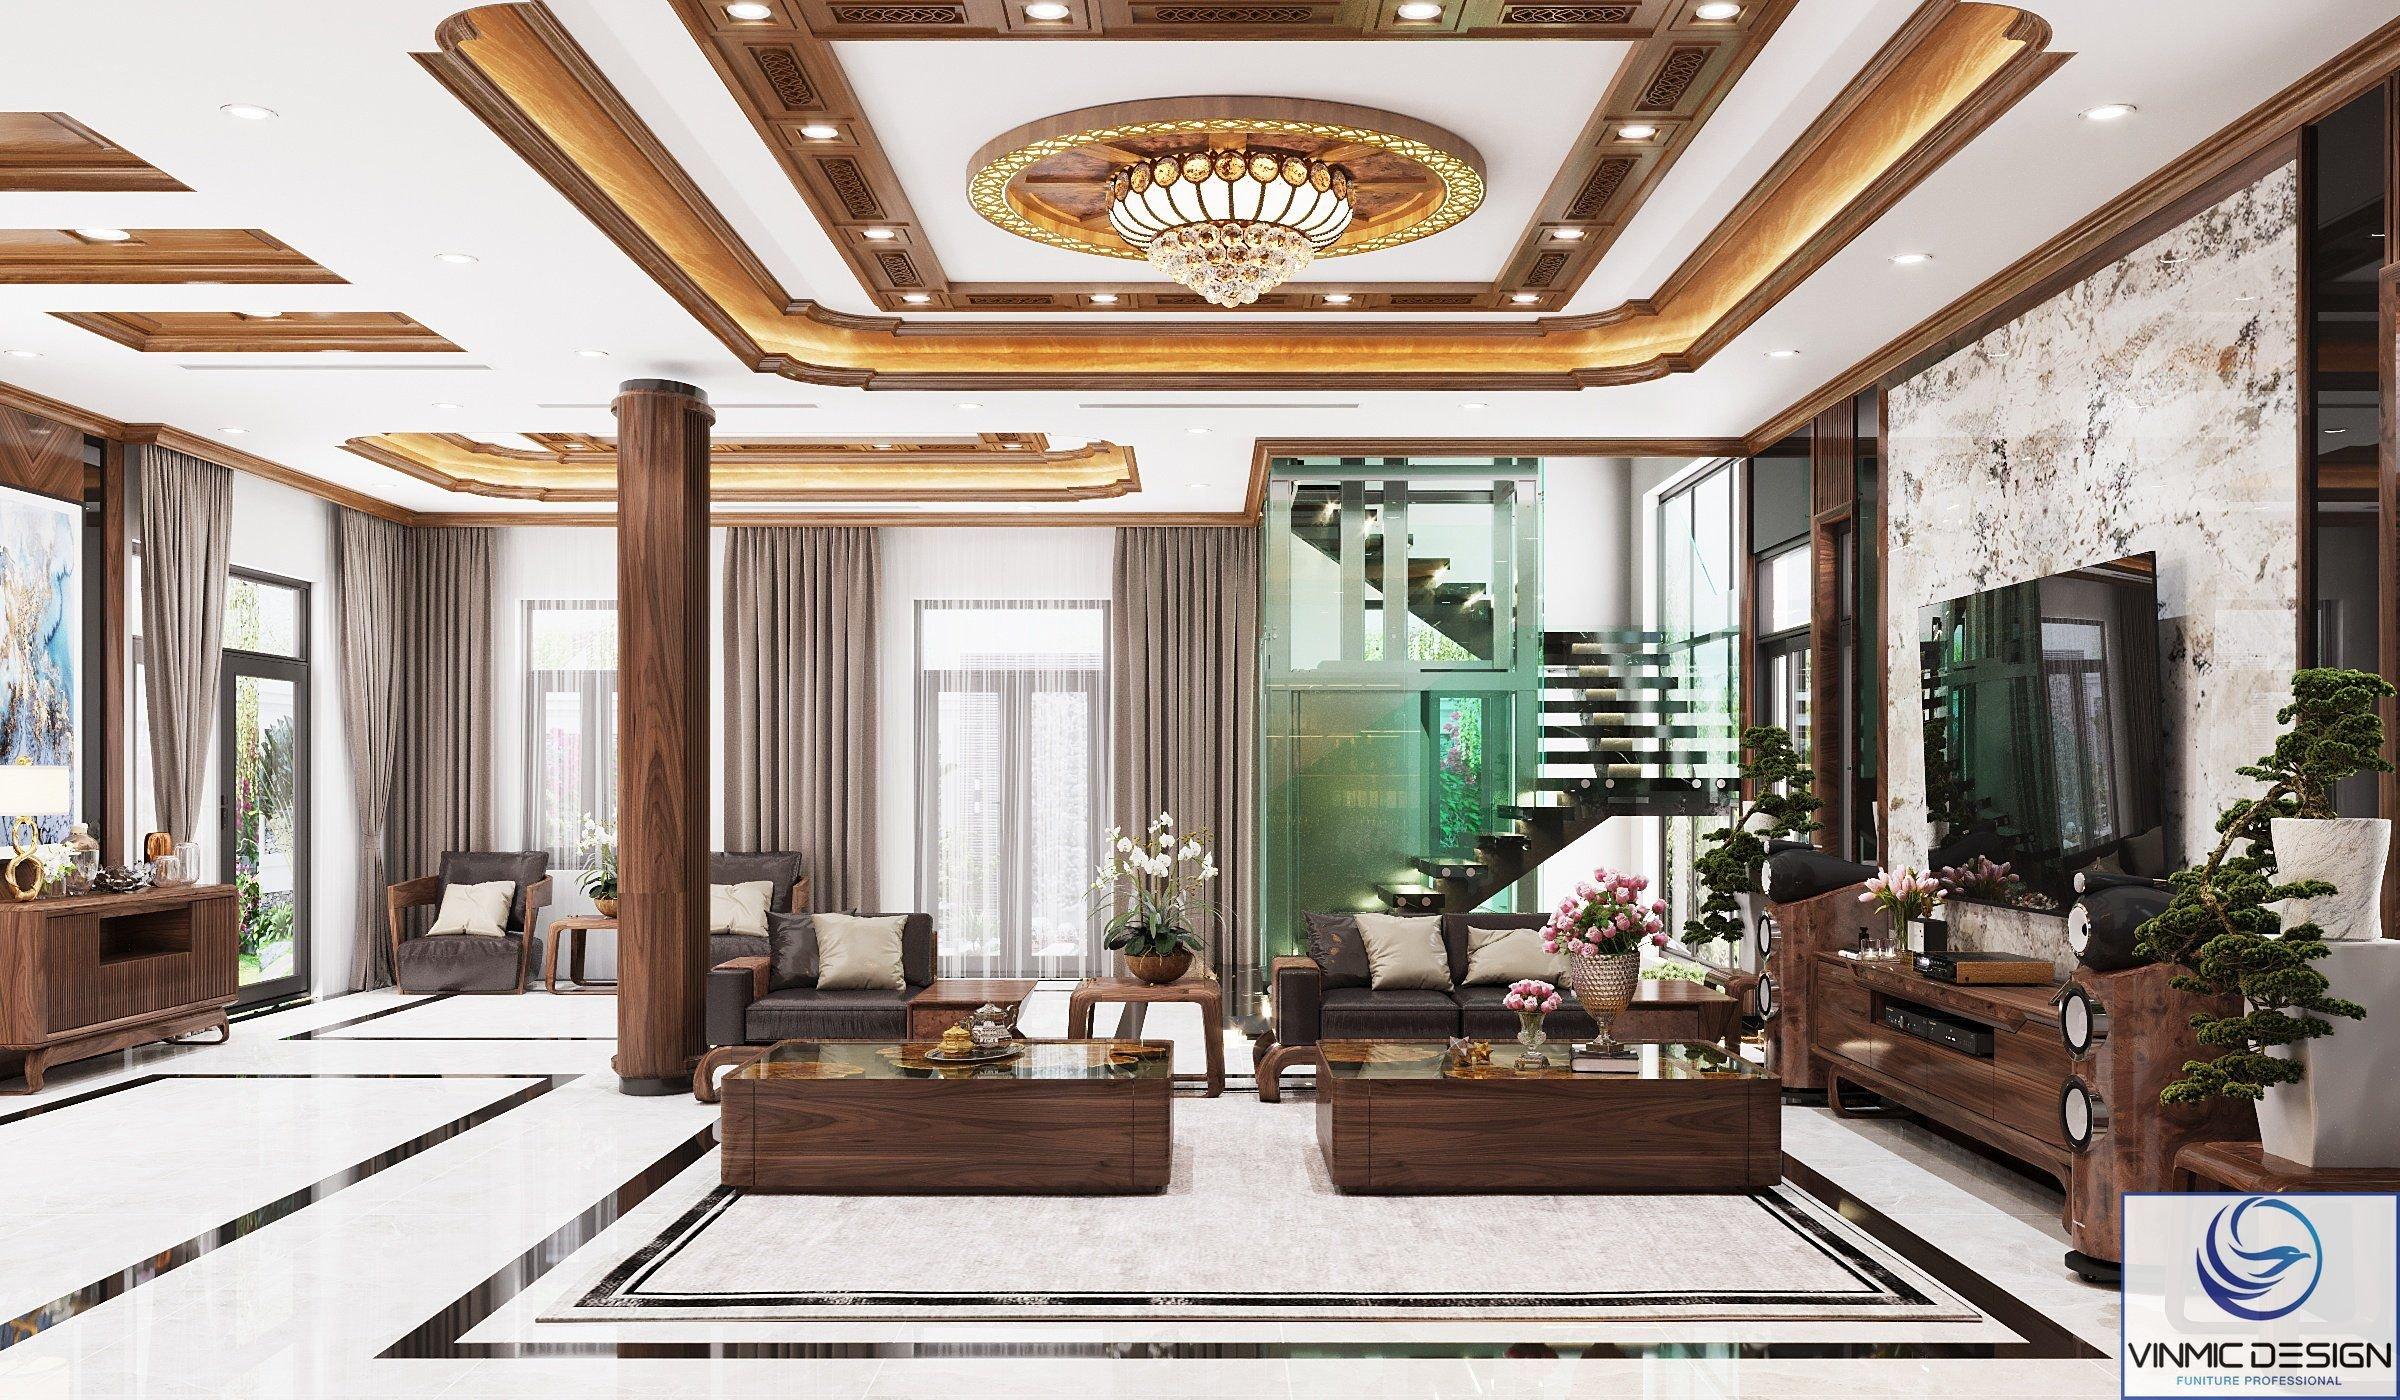 Không gian phòng khách được trang trí với những đồ gỗ óc chó sang trọng và đường nét tỉ mỉ